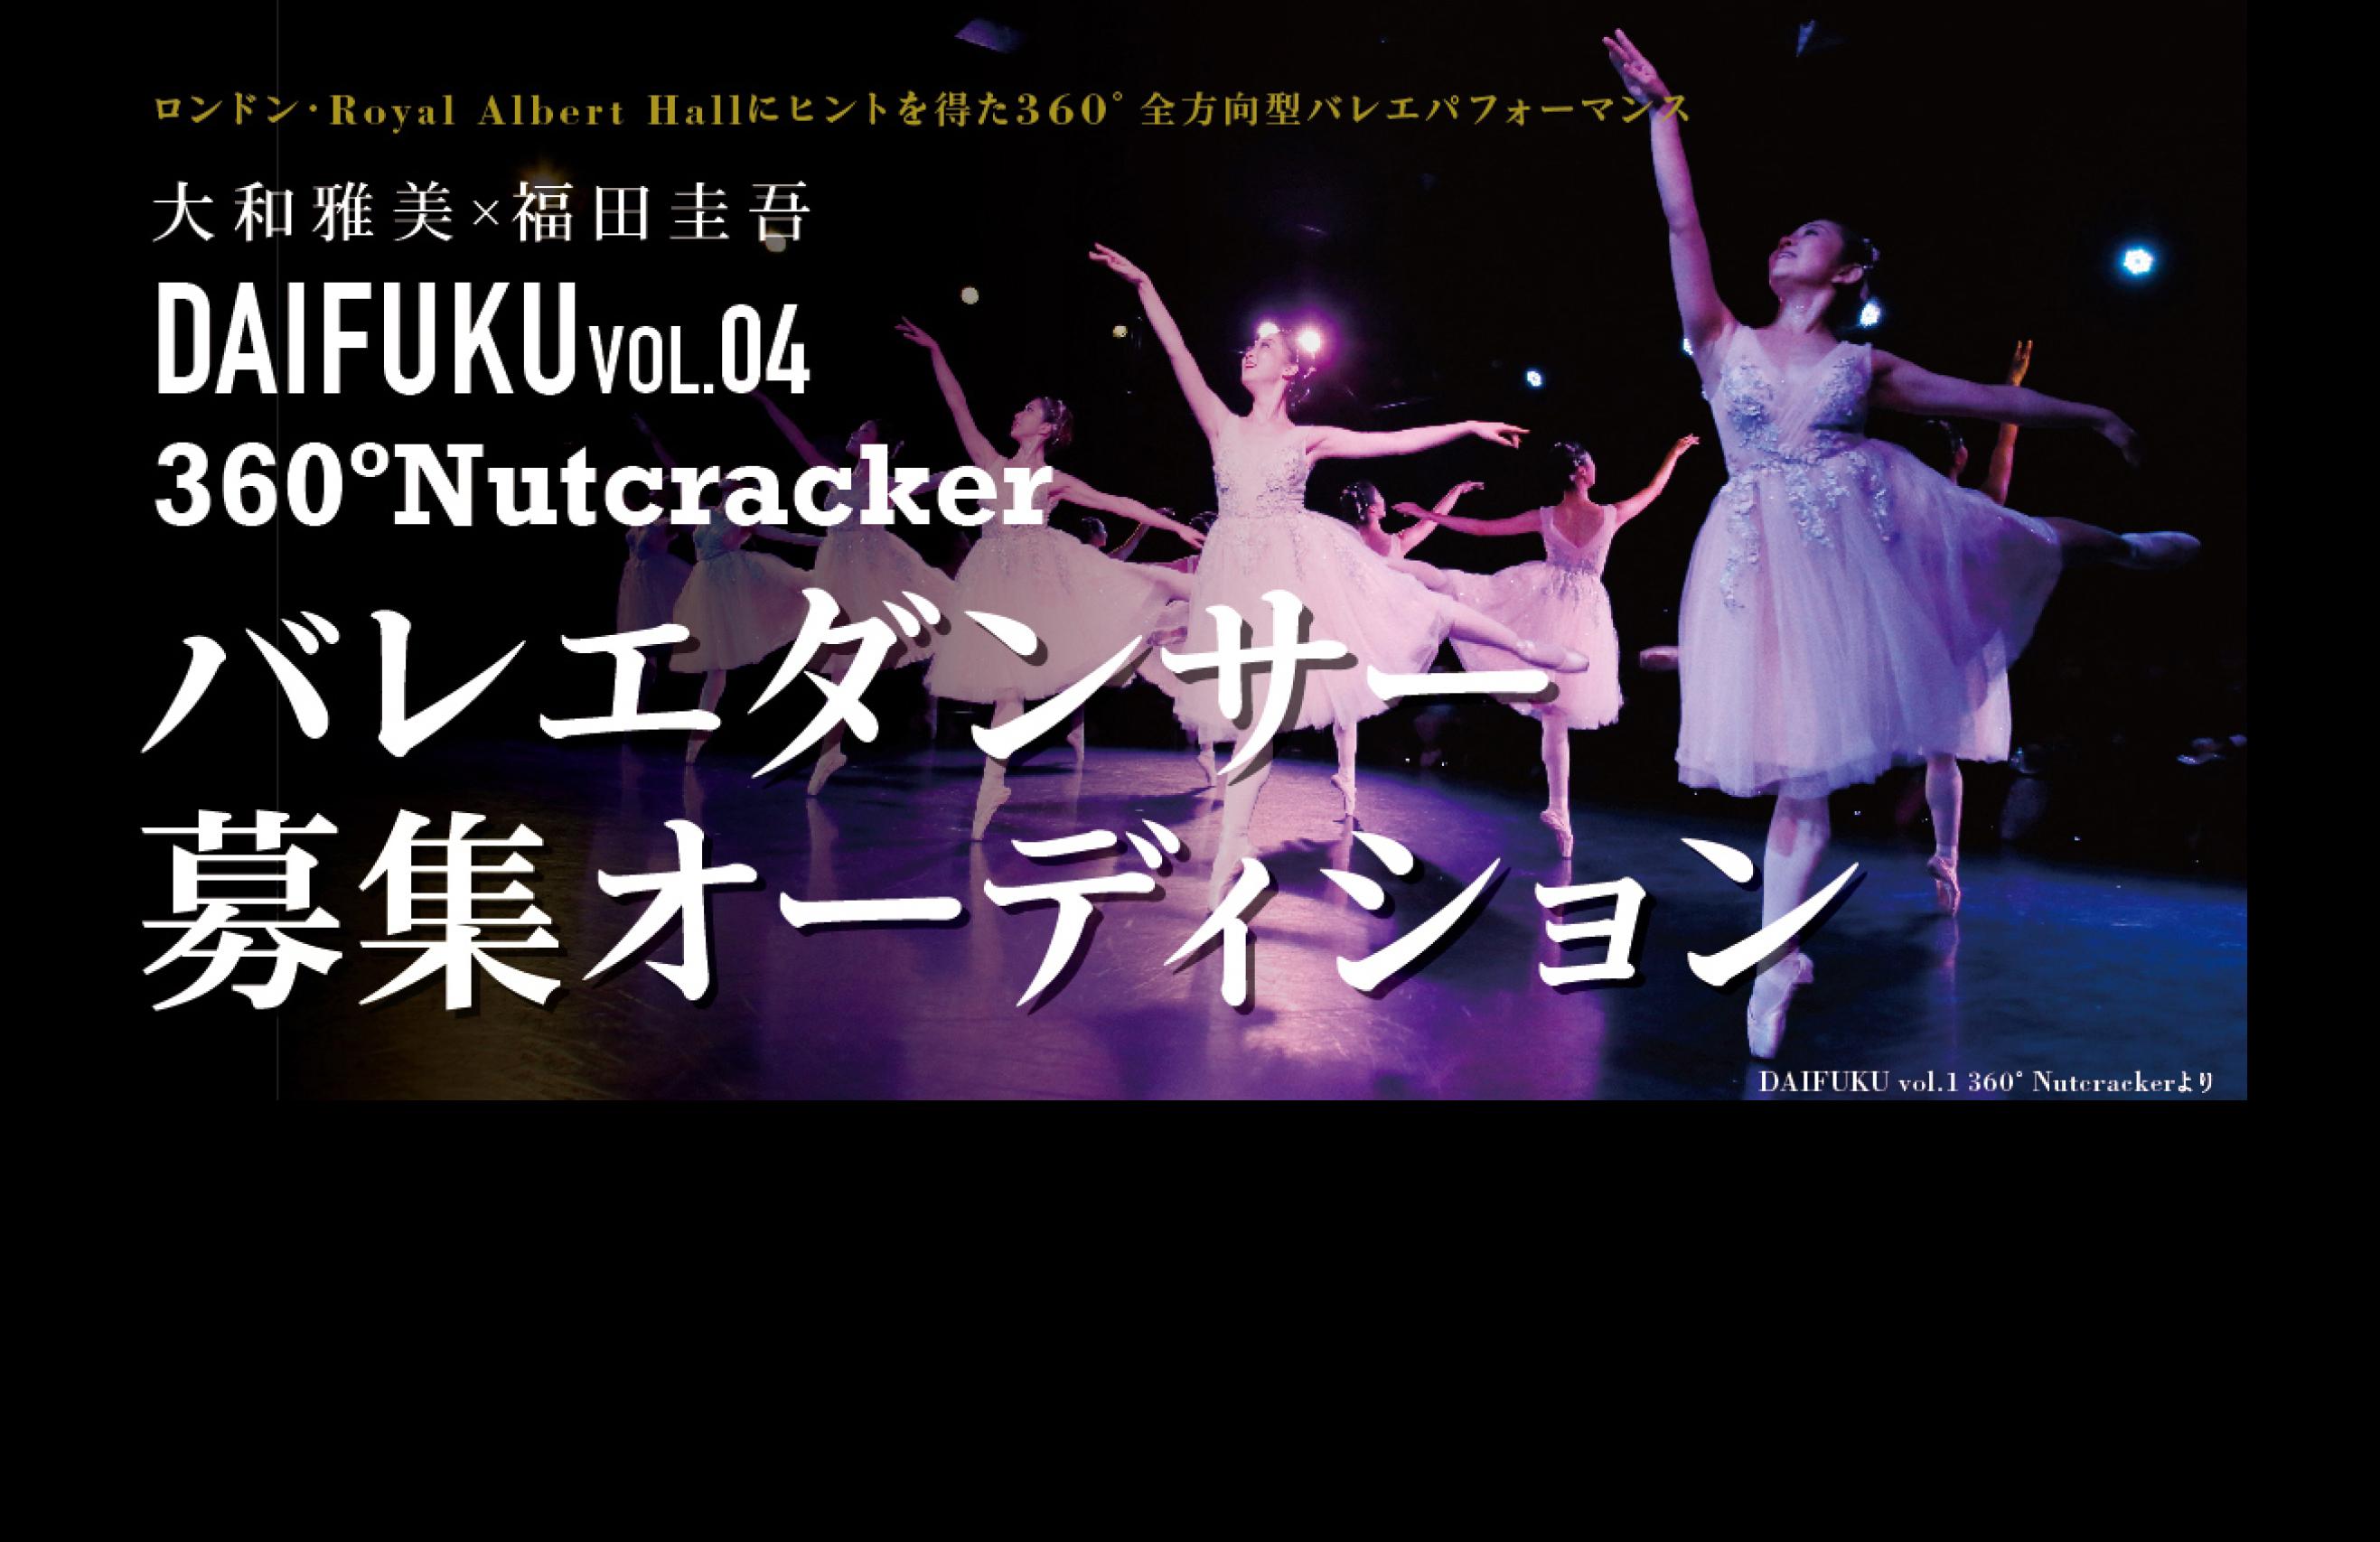 「DAIFUKU」出演バレエダンサーオーディション詳細情報がついに公開!!